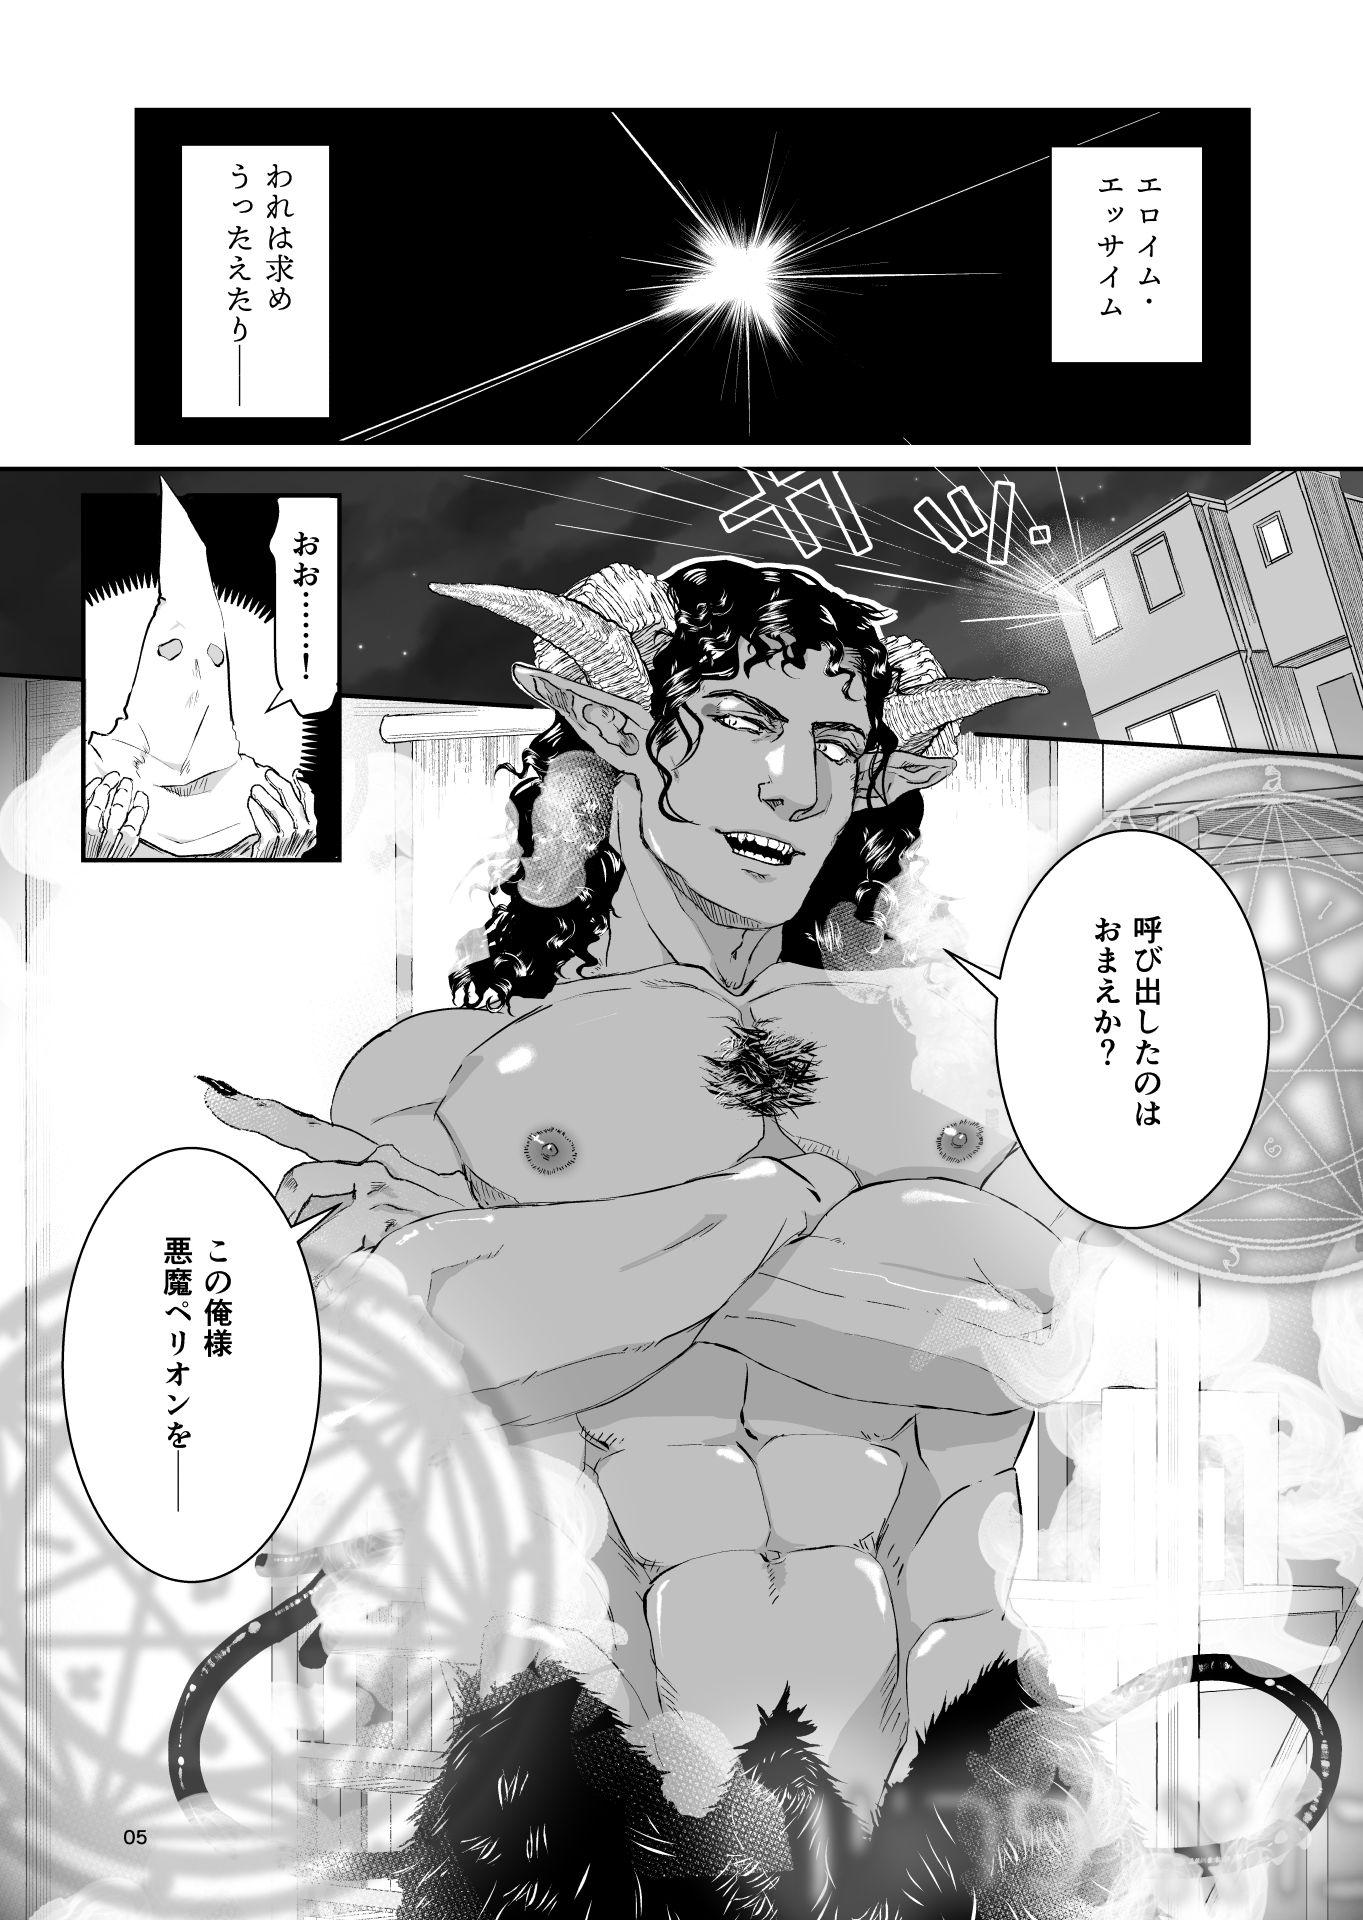 【rhizome 同人】悪魔さん!僕の肉便器になってください!!